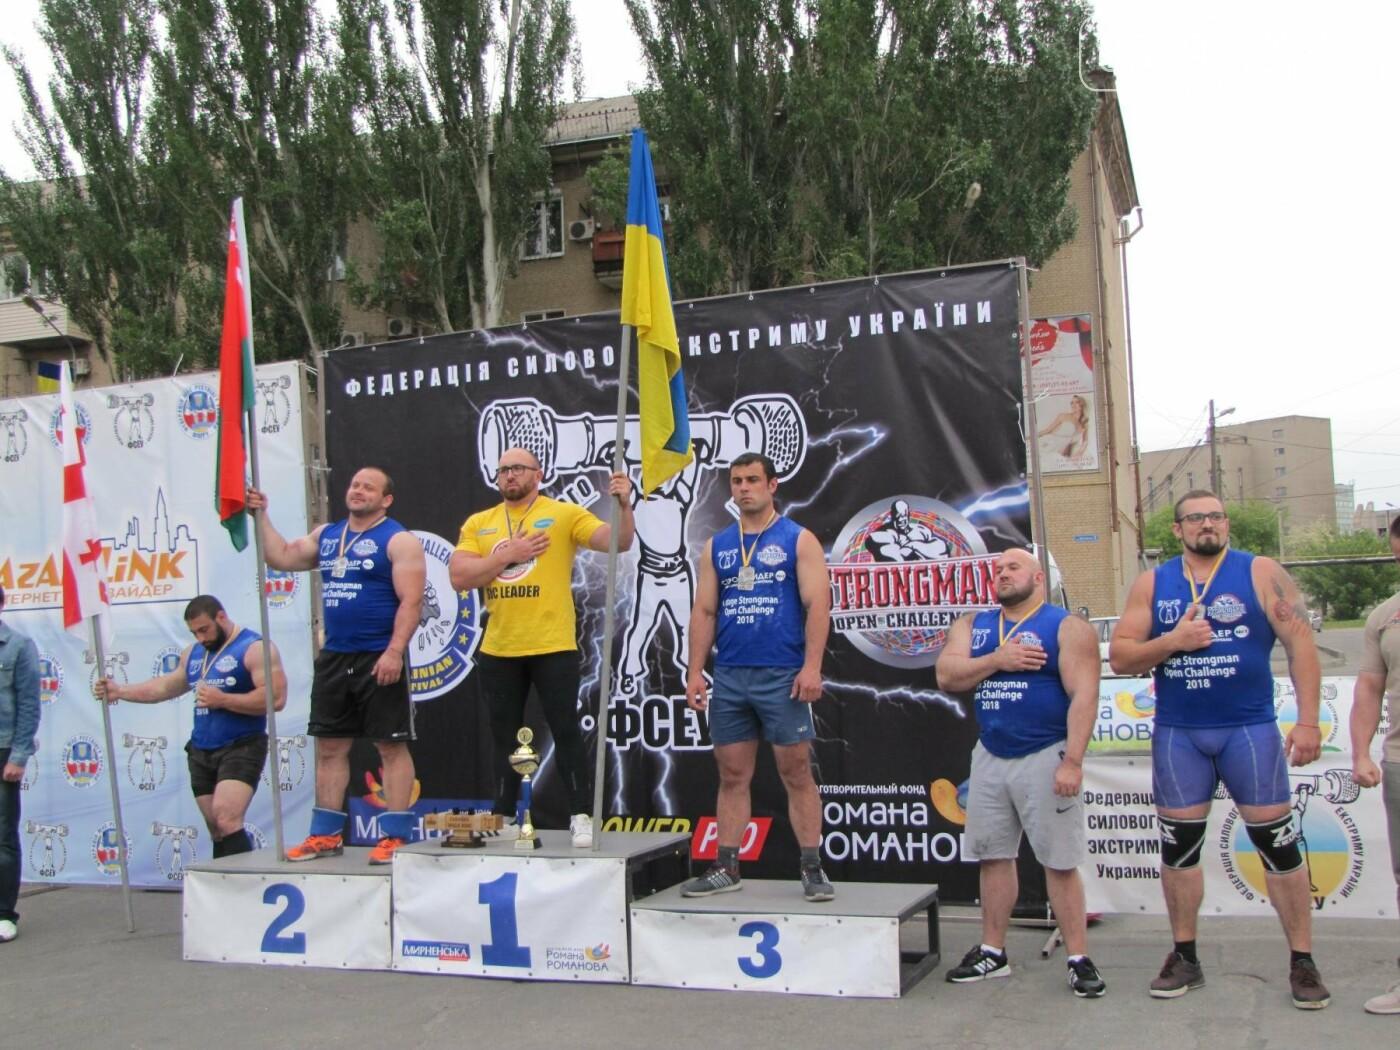 Три победы за неделю: мелитопольский богатырь выиграл второй этап международного чемпионата, фото-59